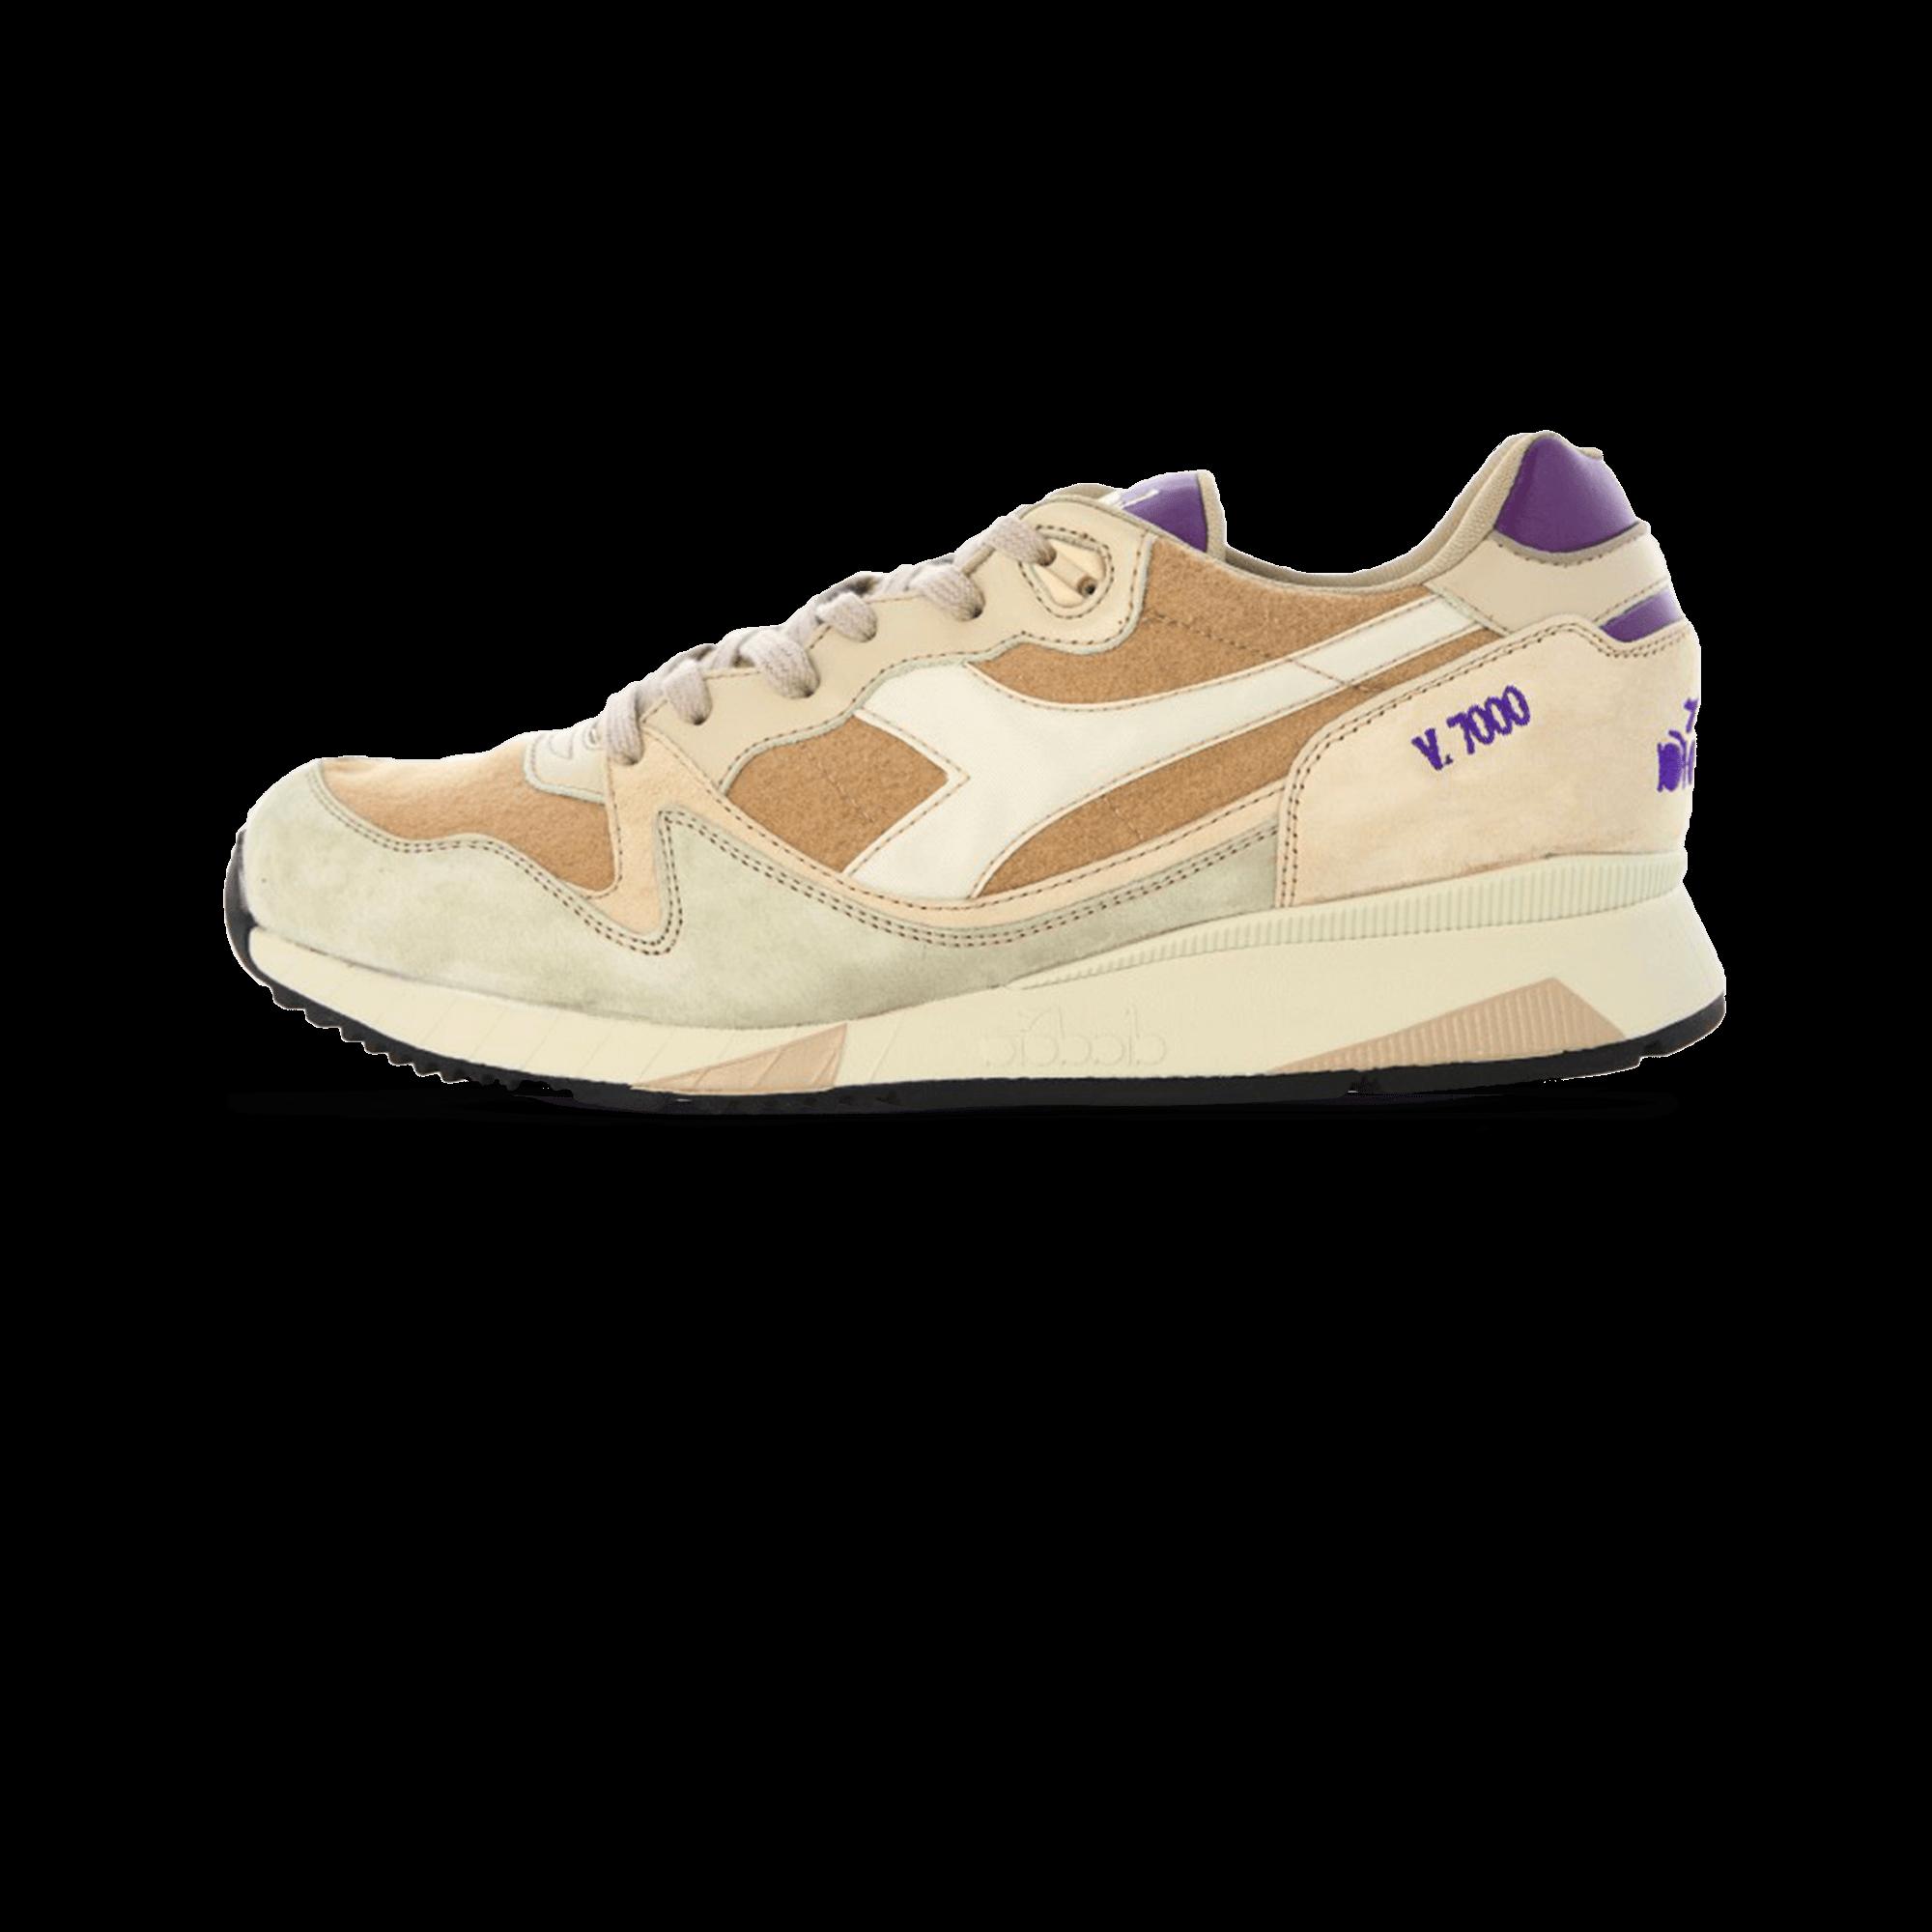 V7000 ITA Alpini brown/violet